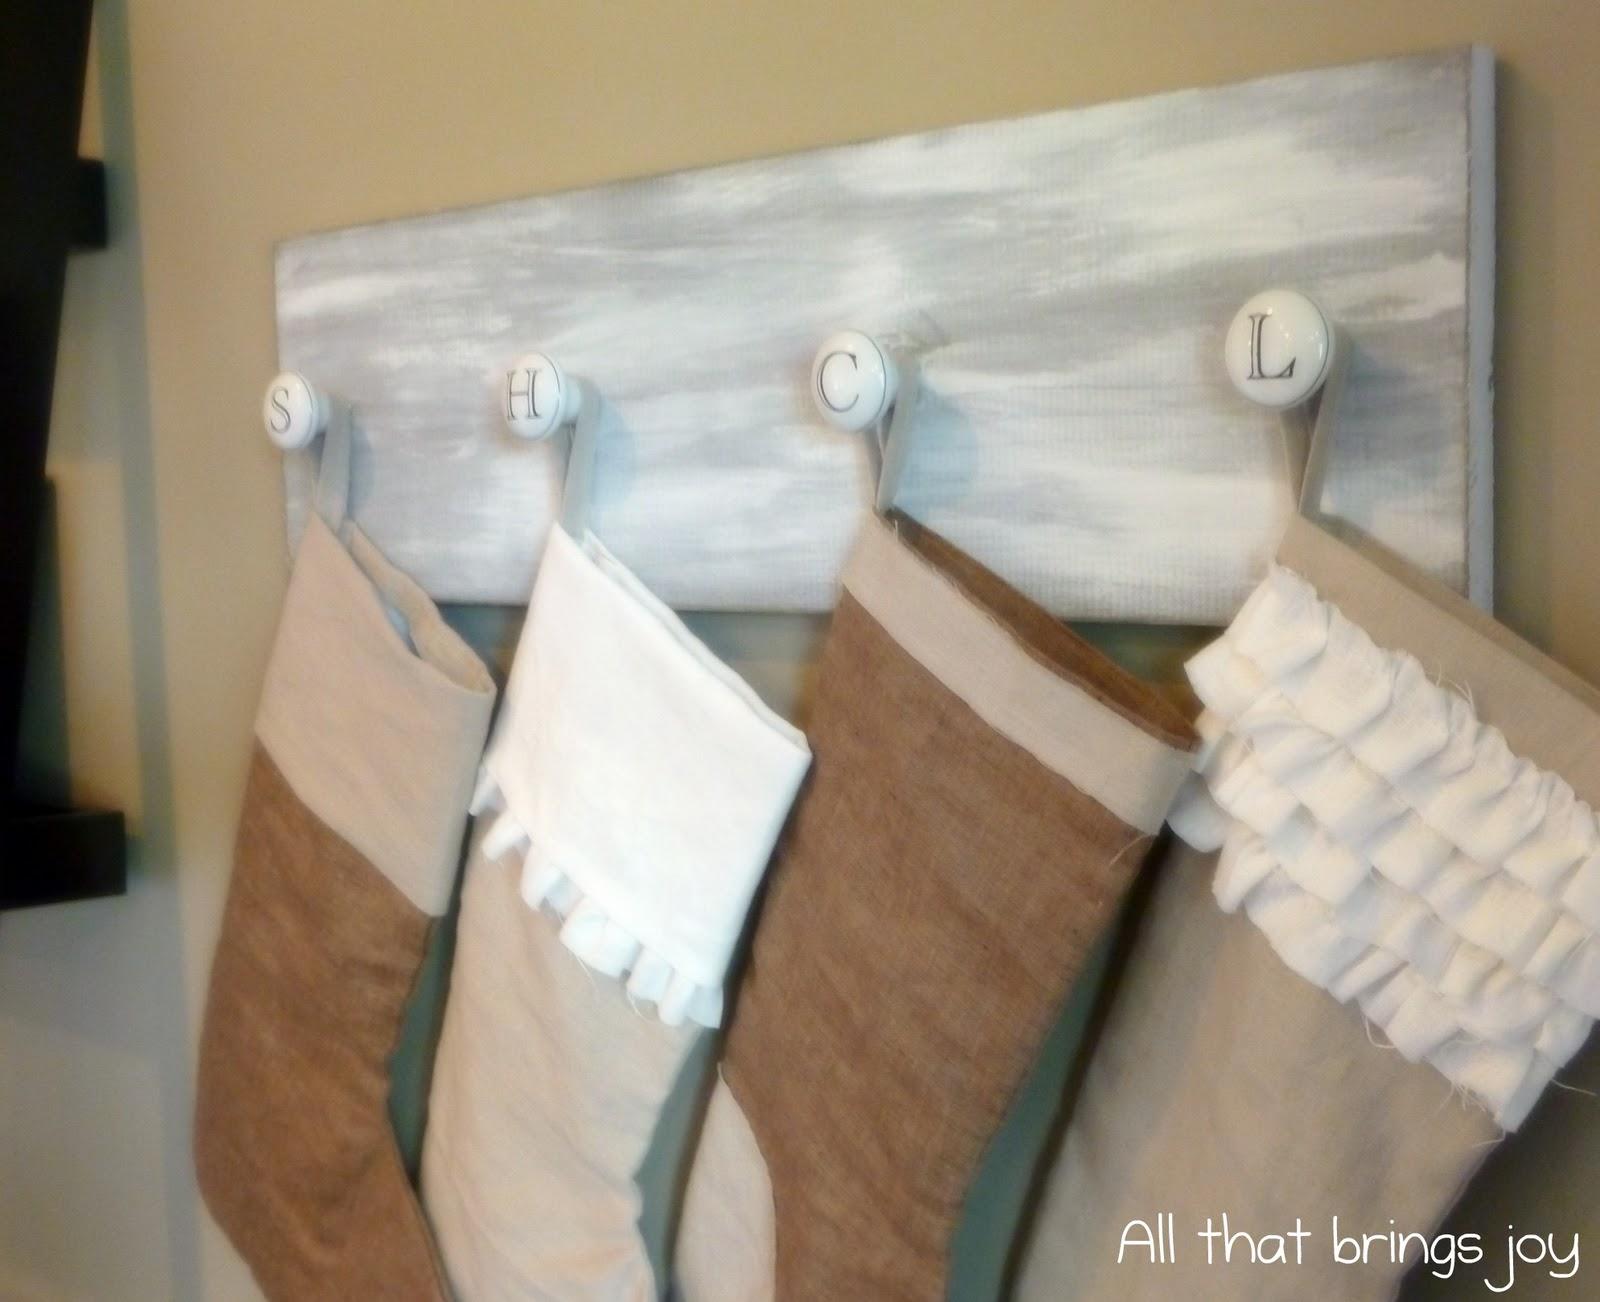 8 comments. Black Bedroom Furniture Sets. Home Design Ideas